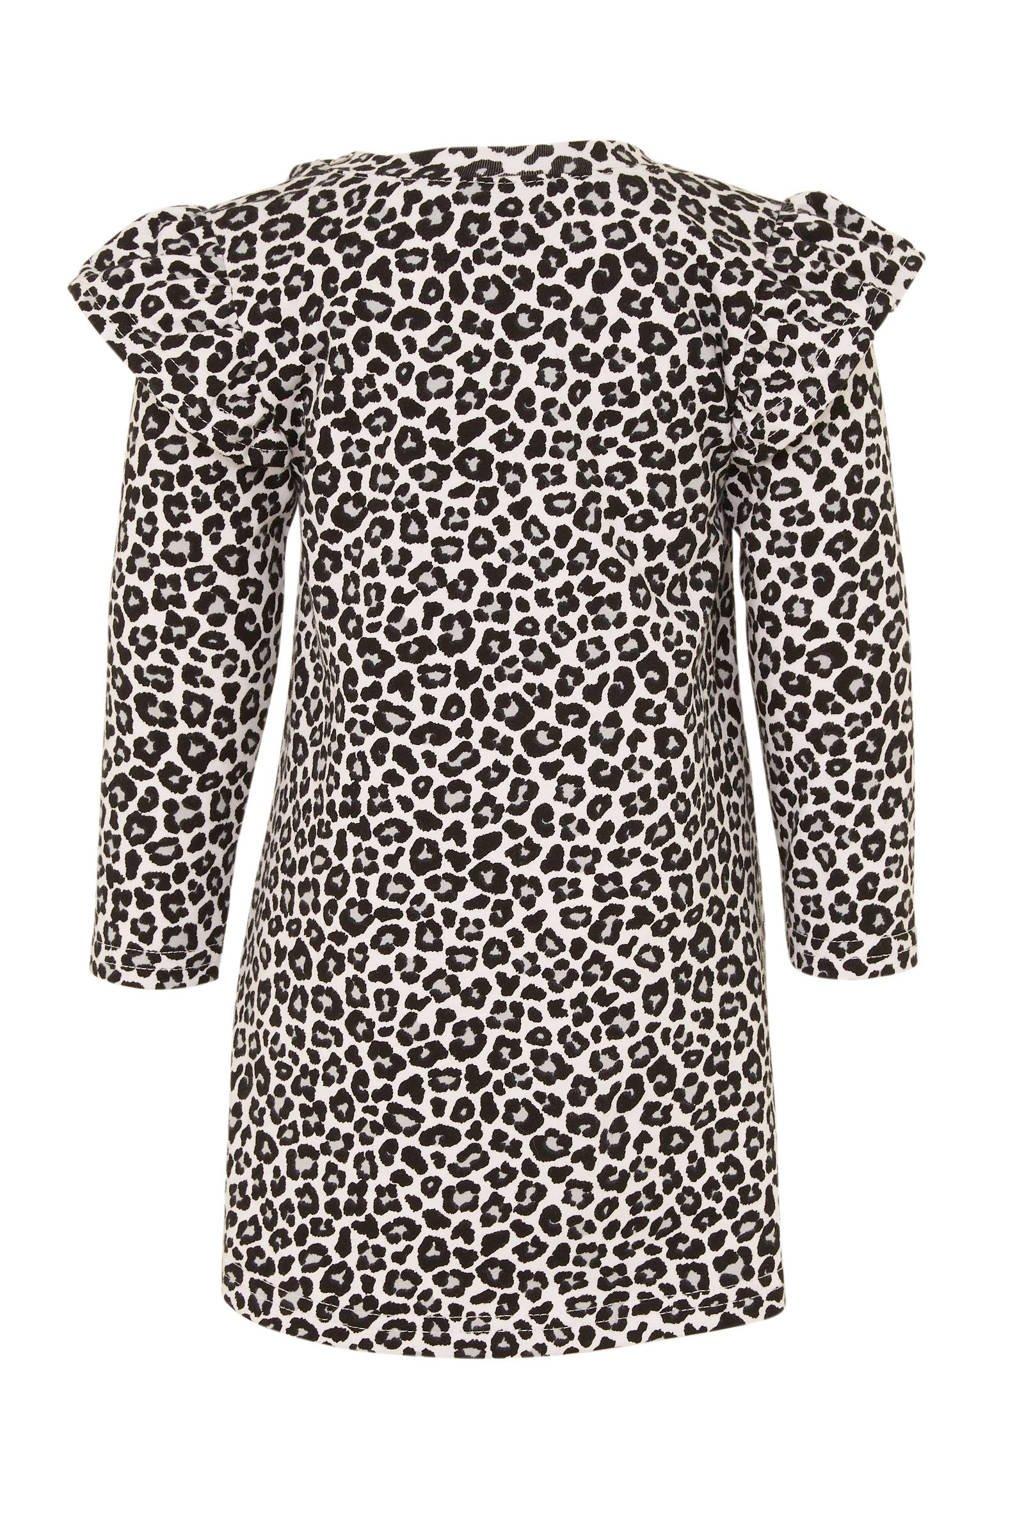 Babystyling jurk met panterprint wit, Wit/zwart